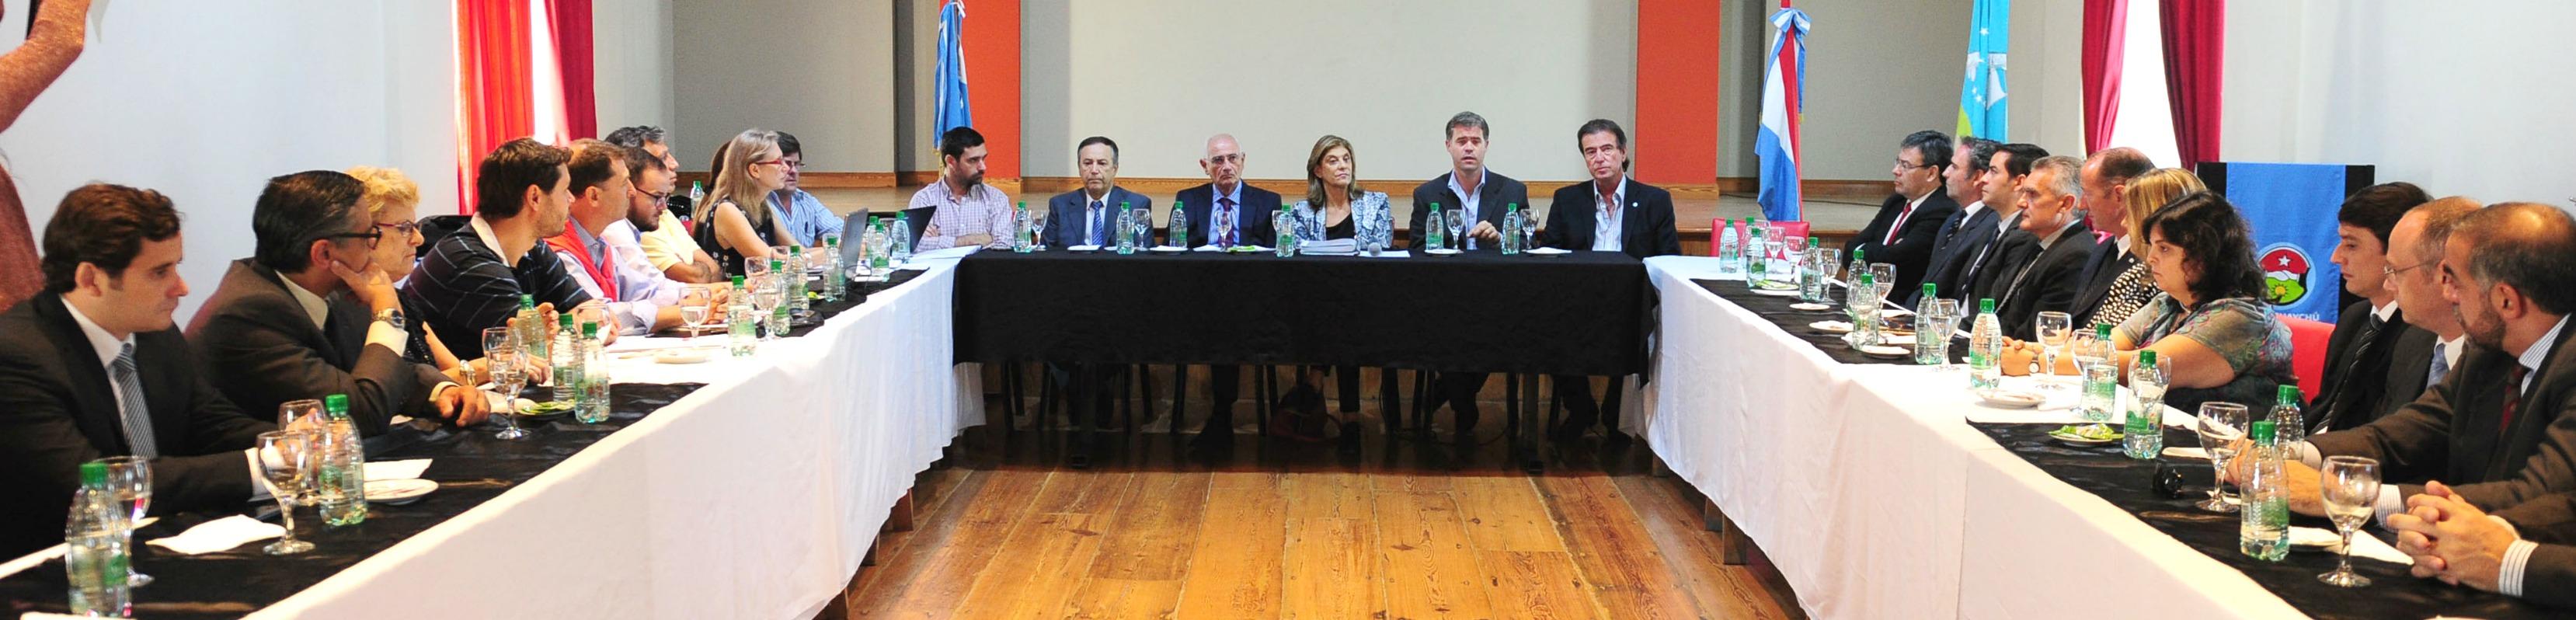 Significativo avance y consenso para la construcción de un nuevo edificio judicial en Gualeguaychú